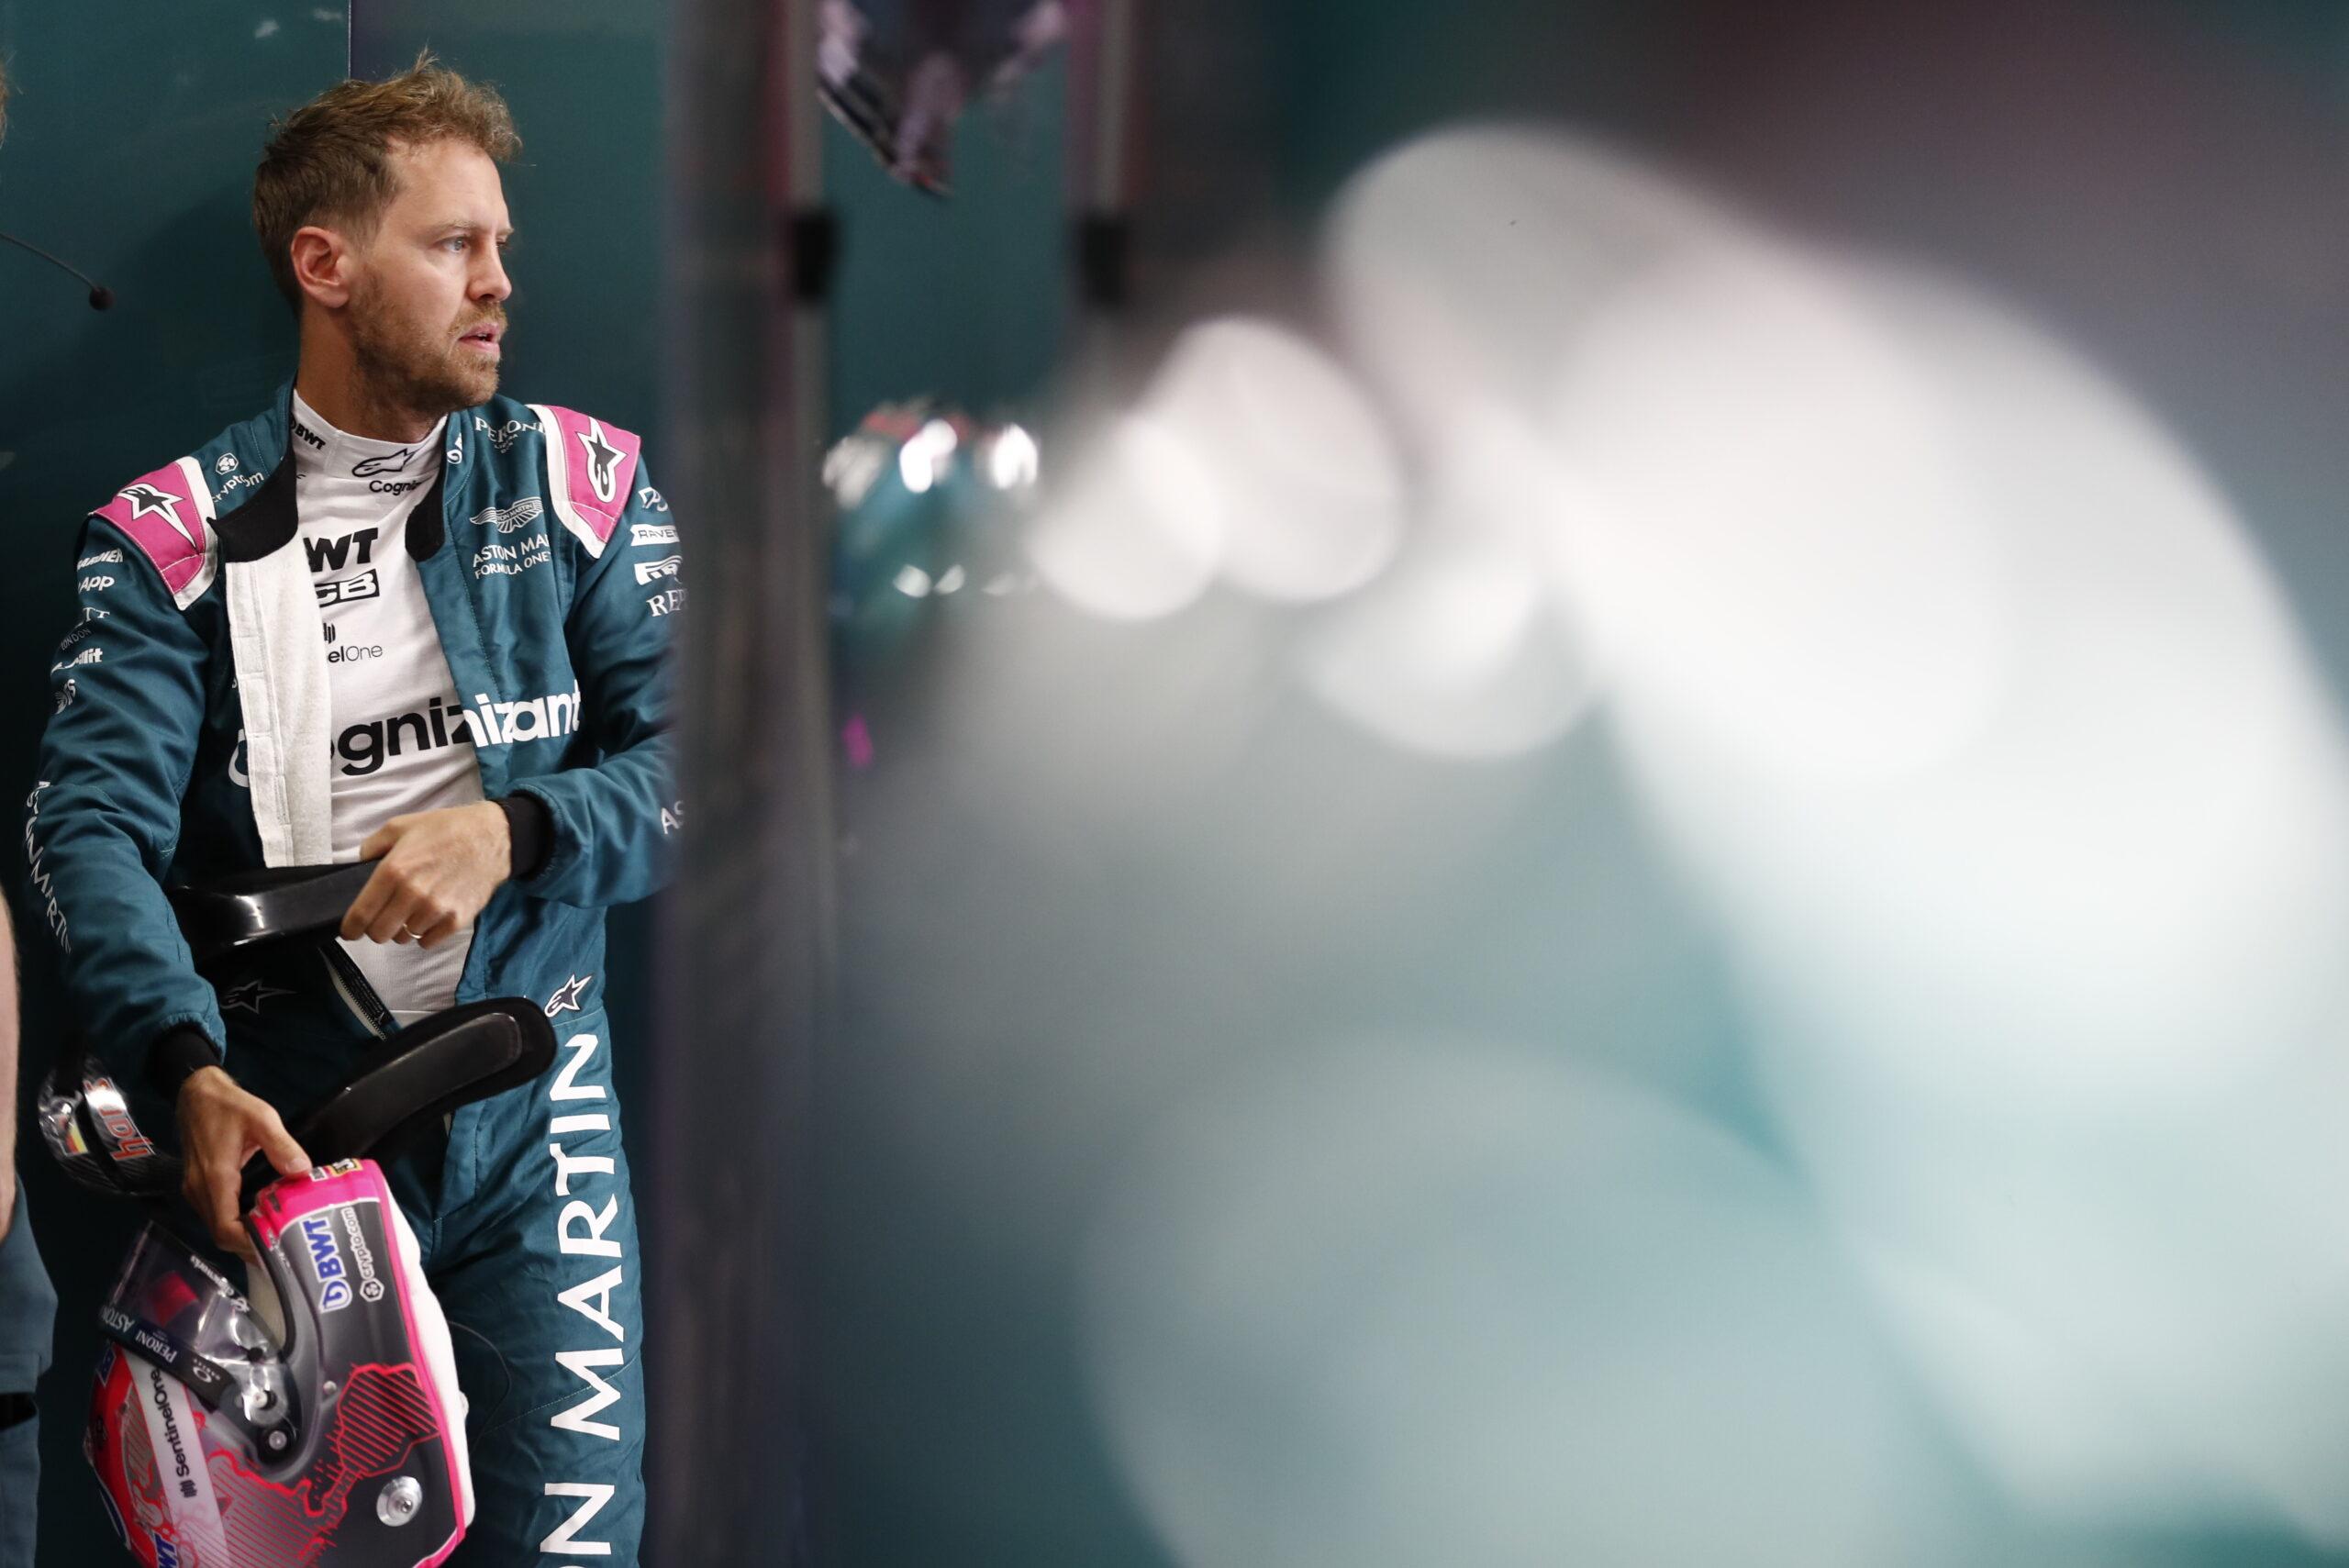 F1 - Officiel : Sebastian Vettel disqualifié du GP de Hongrie